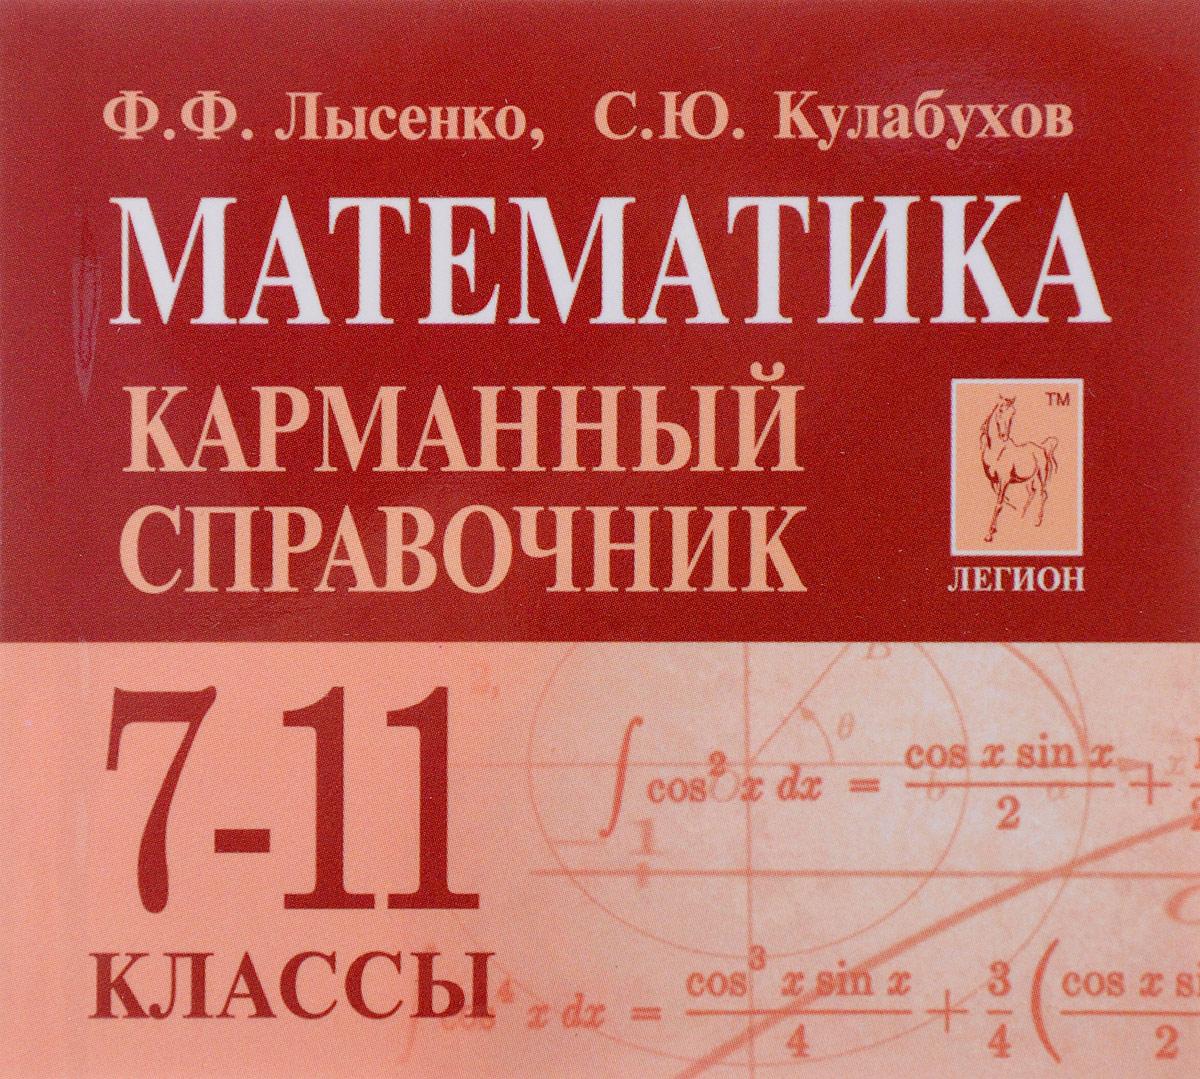 Ф. Ф. Лысенко, С. Ю. Кулабухов Математика. 7-11 классы. Карманный справочник (миниатюрное издание) цена